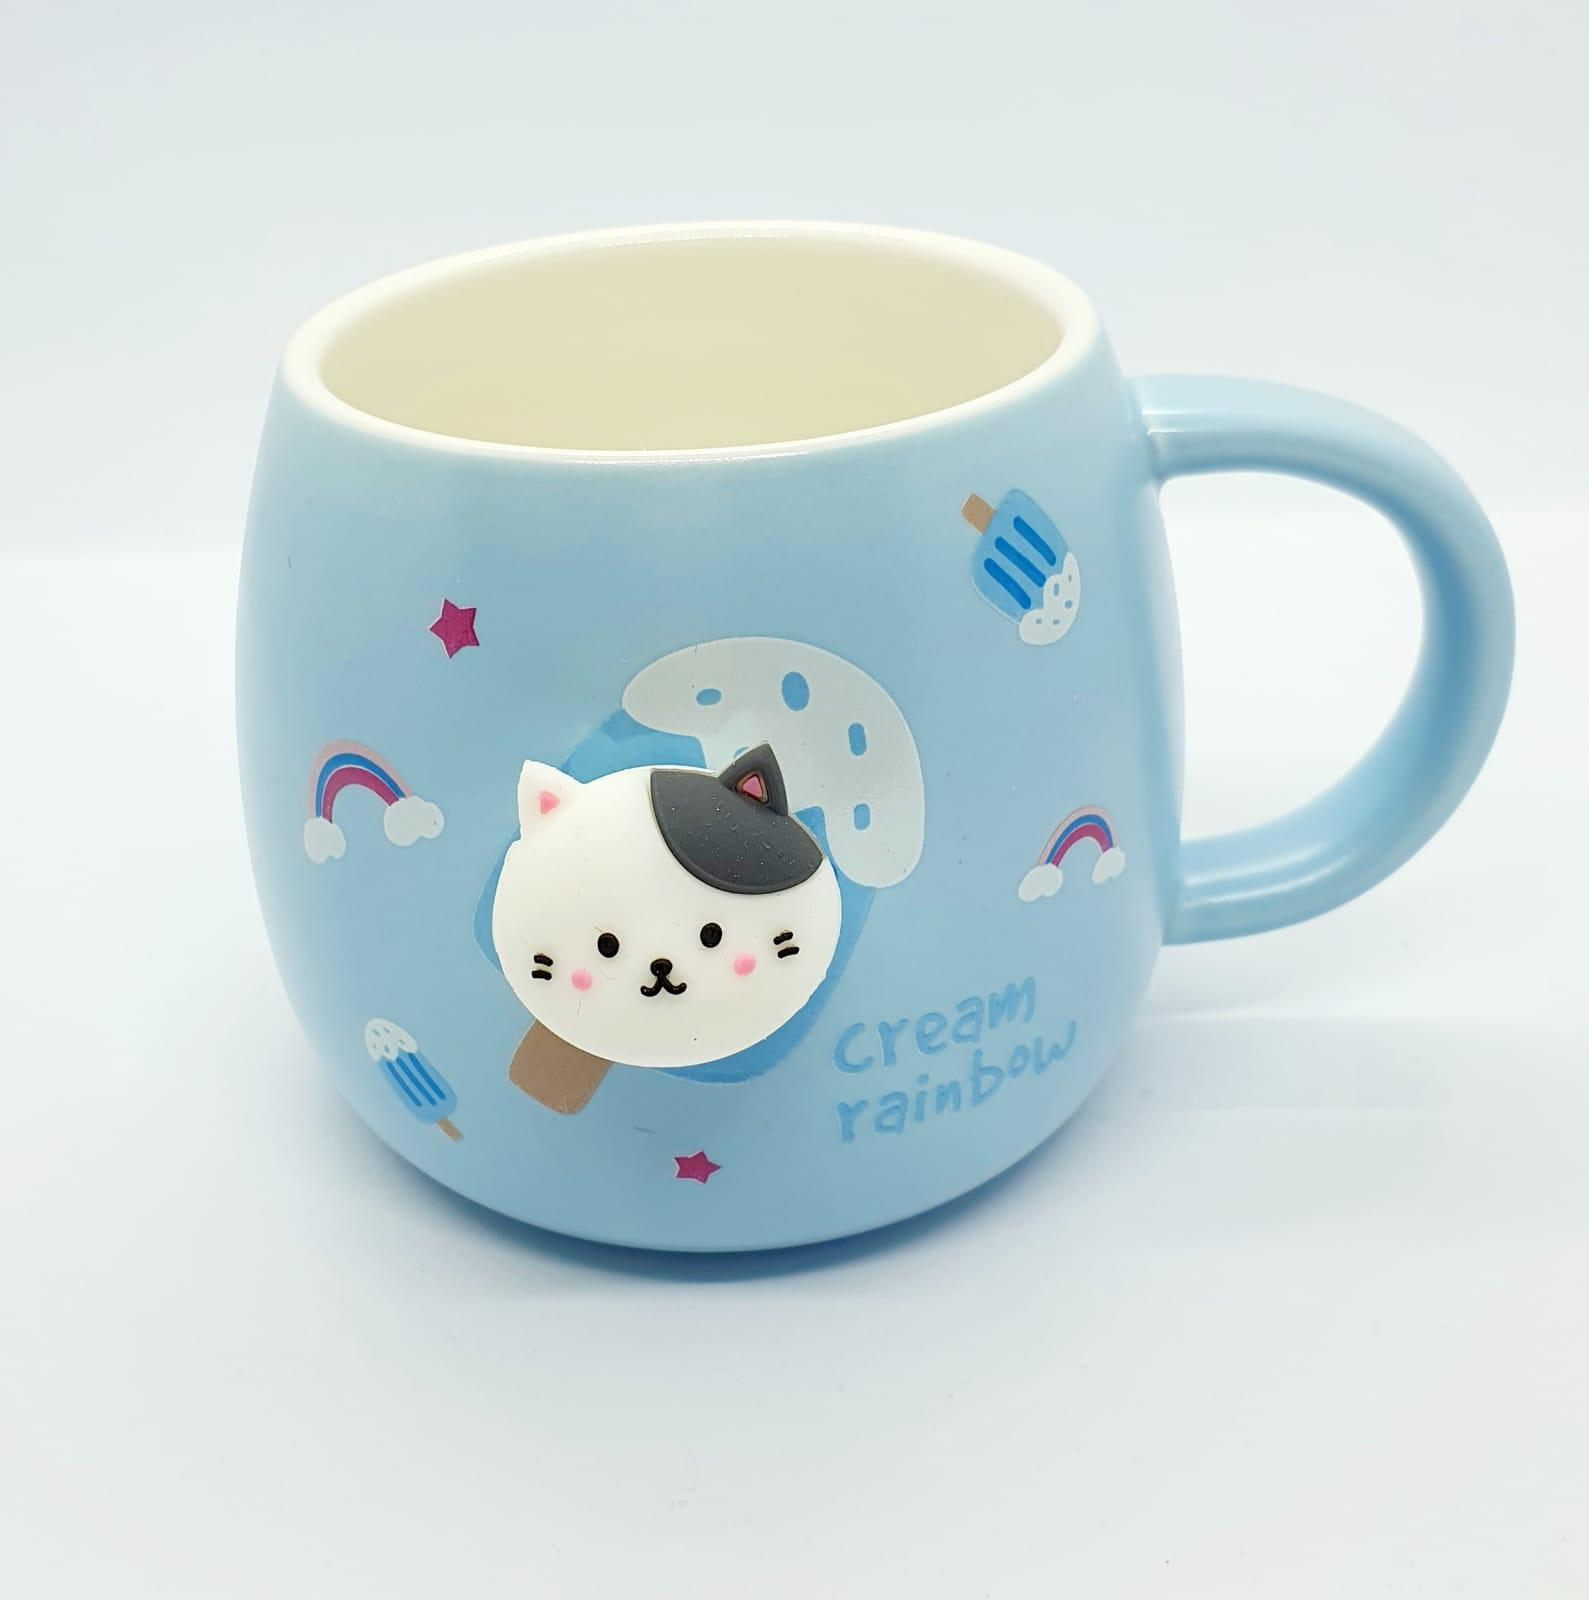 Caneca/Vaso gatinho Cream rainbow azul em cerâmica - 350ml